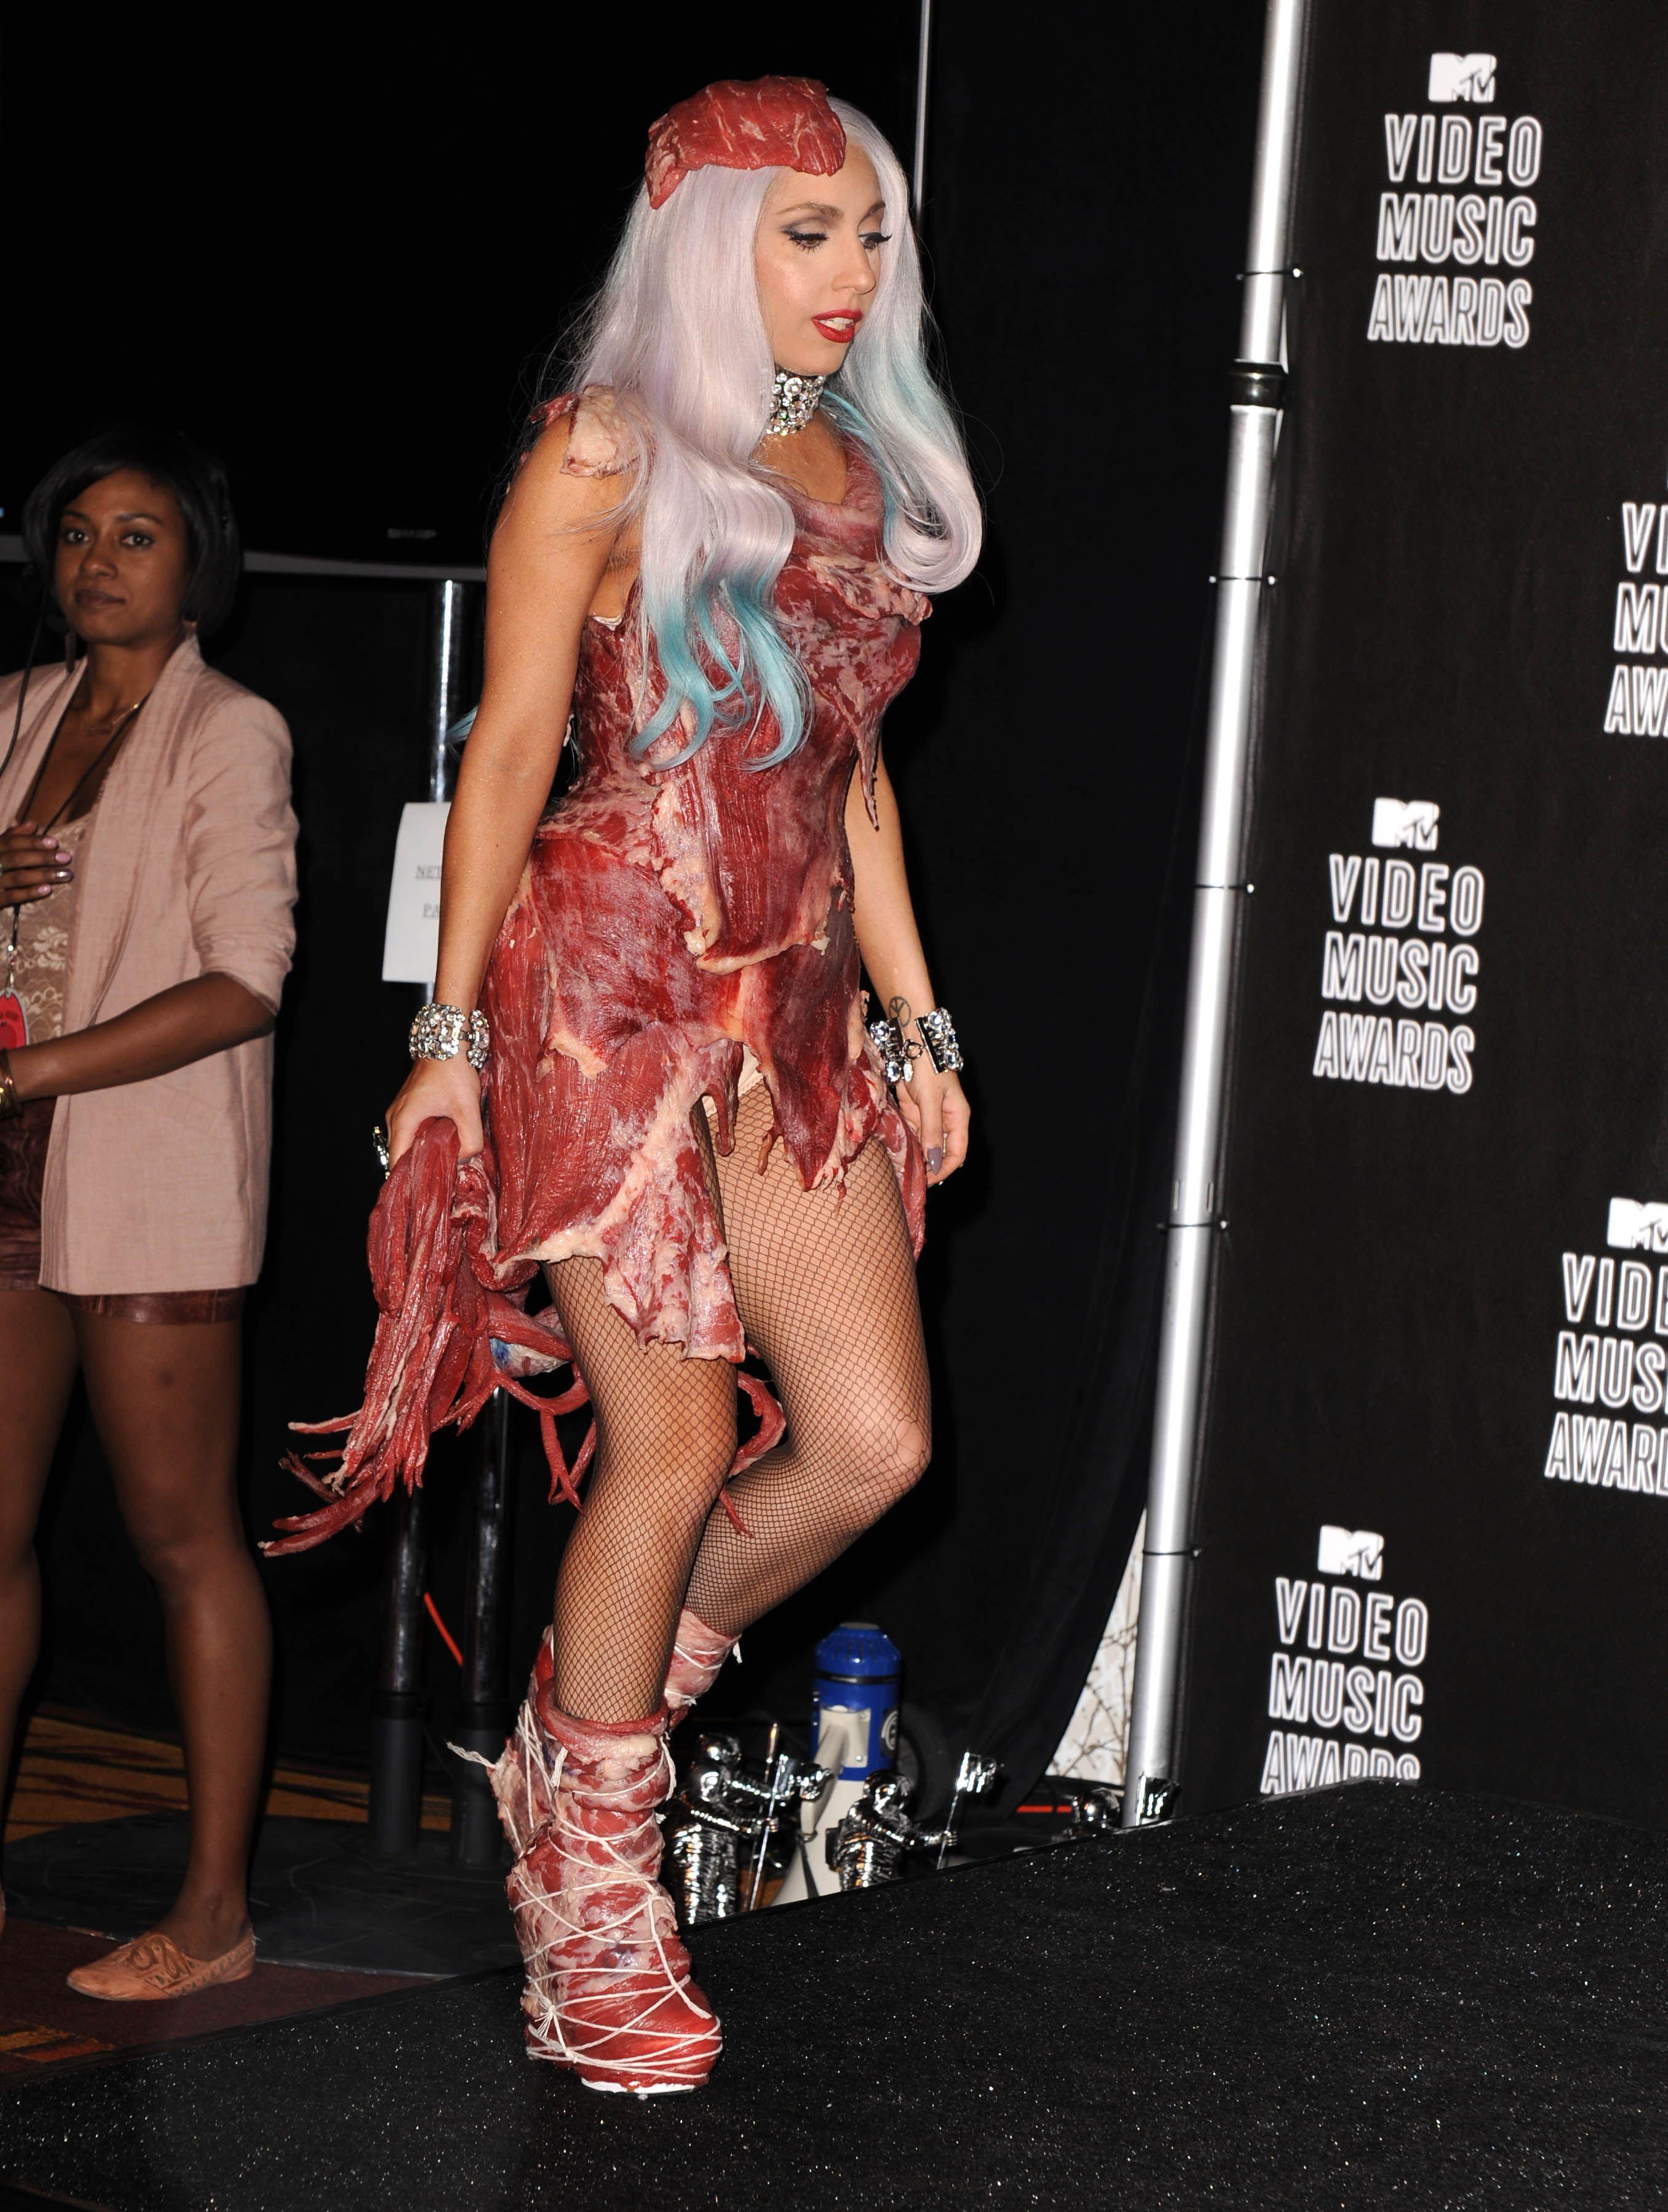 DC Lady Gaga VMA 2010 411